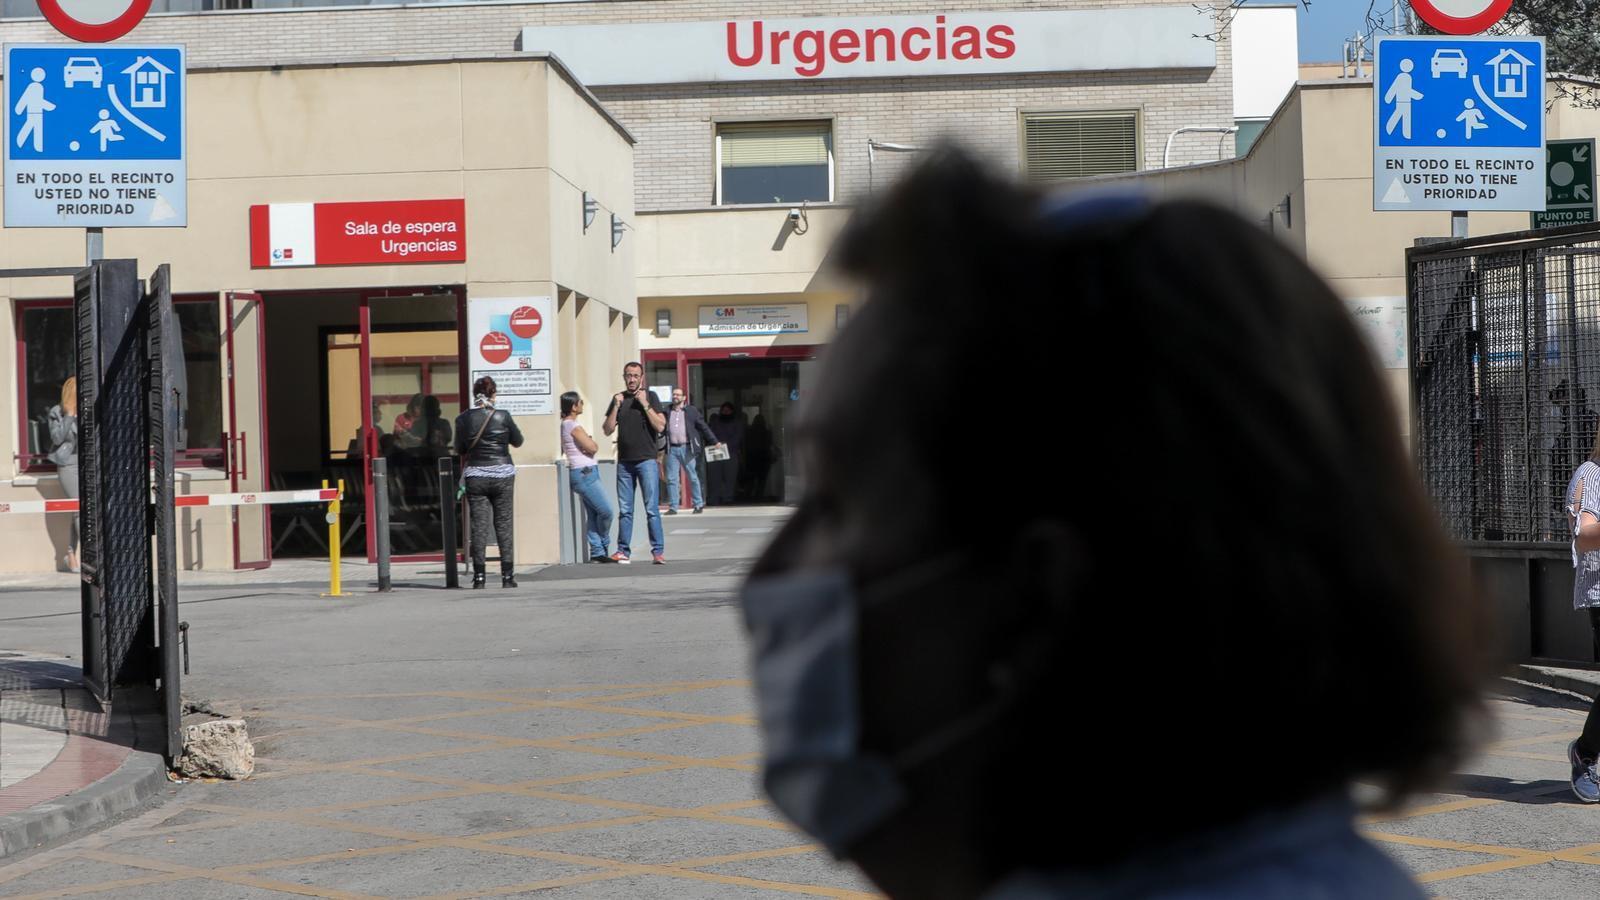 Una dona amb mascareta, davant de la porta d'urgències d'un hospital a Madrid